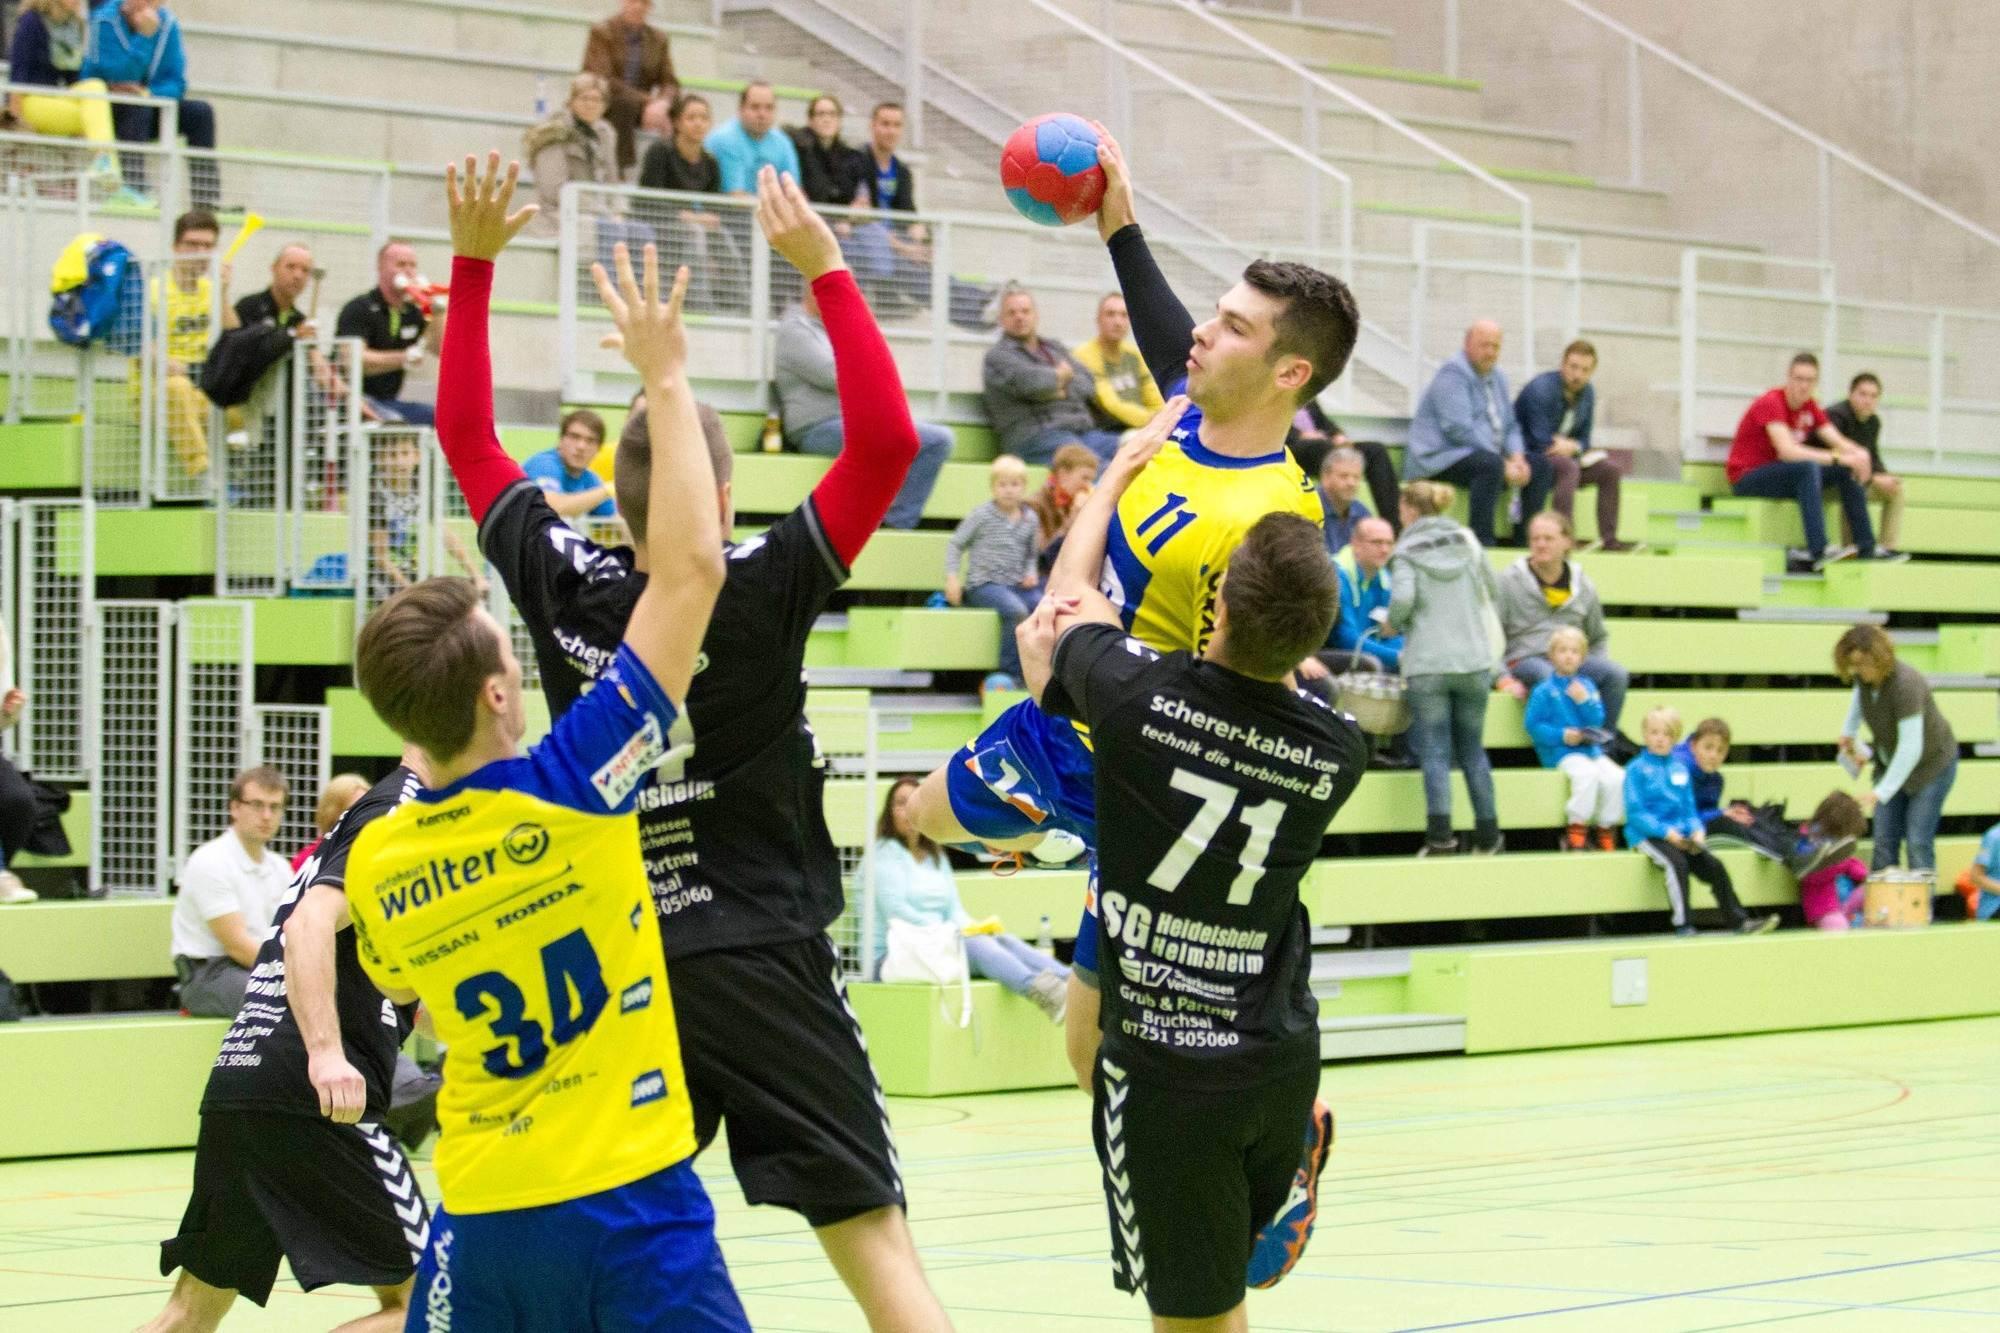 Handball Heidelsheim